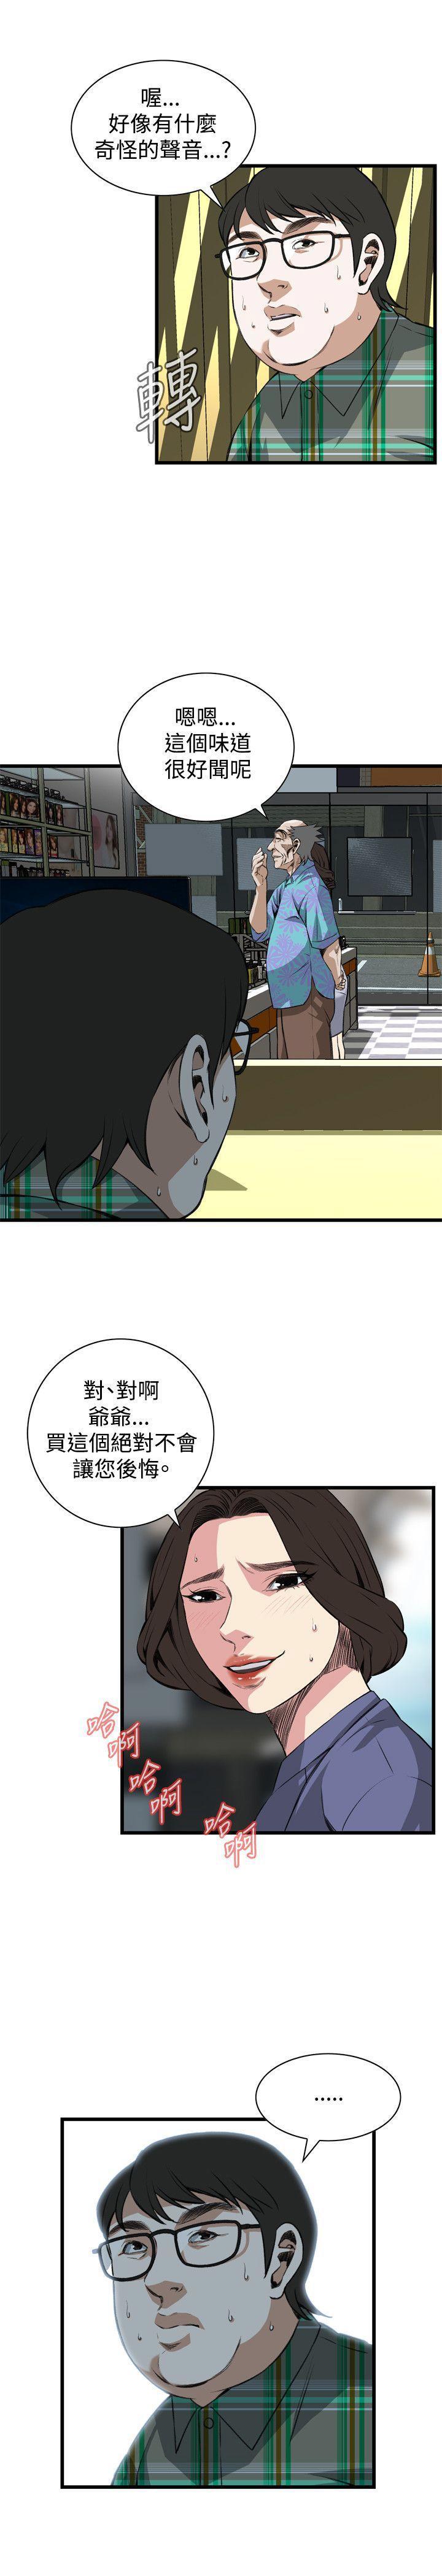 偷窥72-93 Chinese Rsiky 118